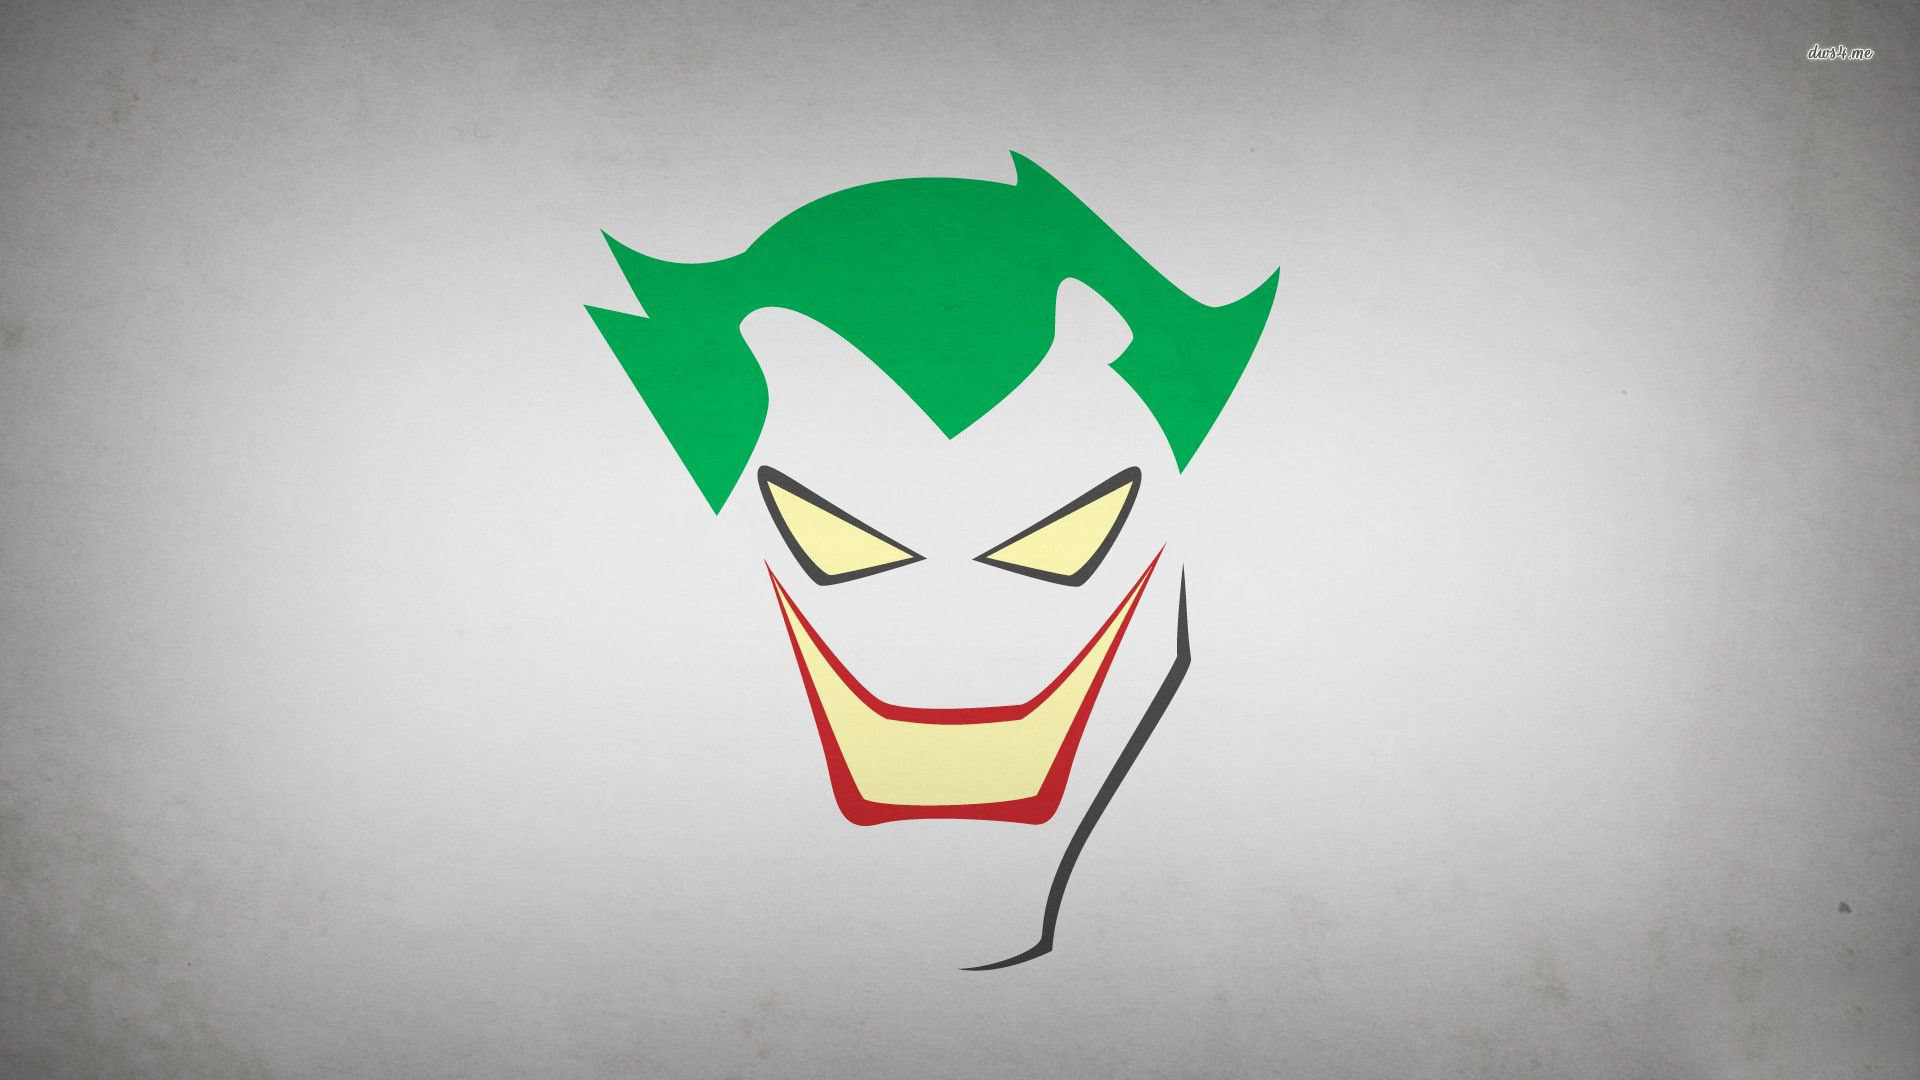 Joker Wallpaper Joker Pics Pack V Joker Hd Desktop Wallpaper